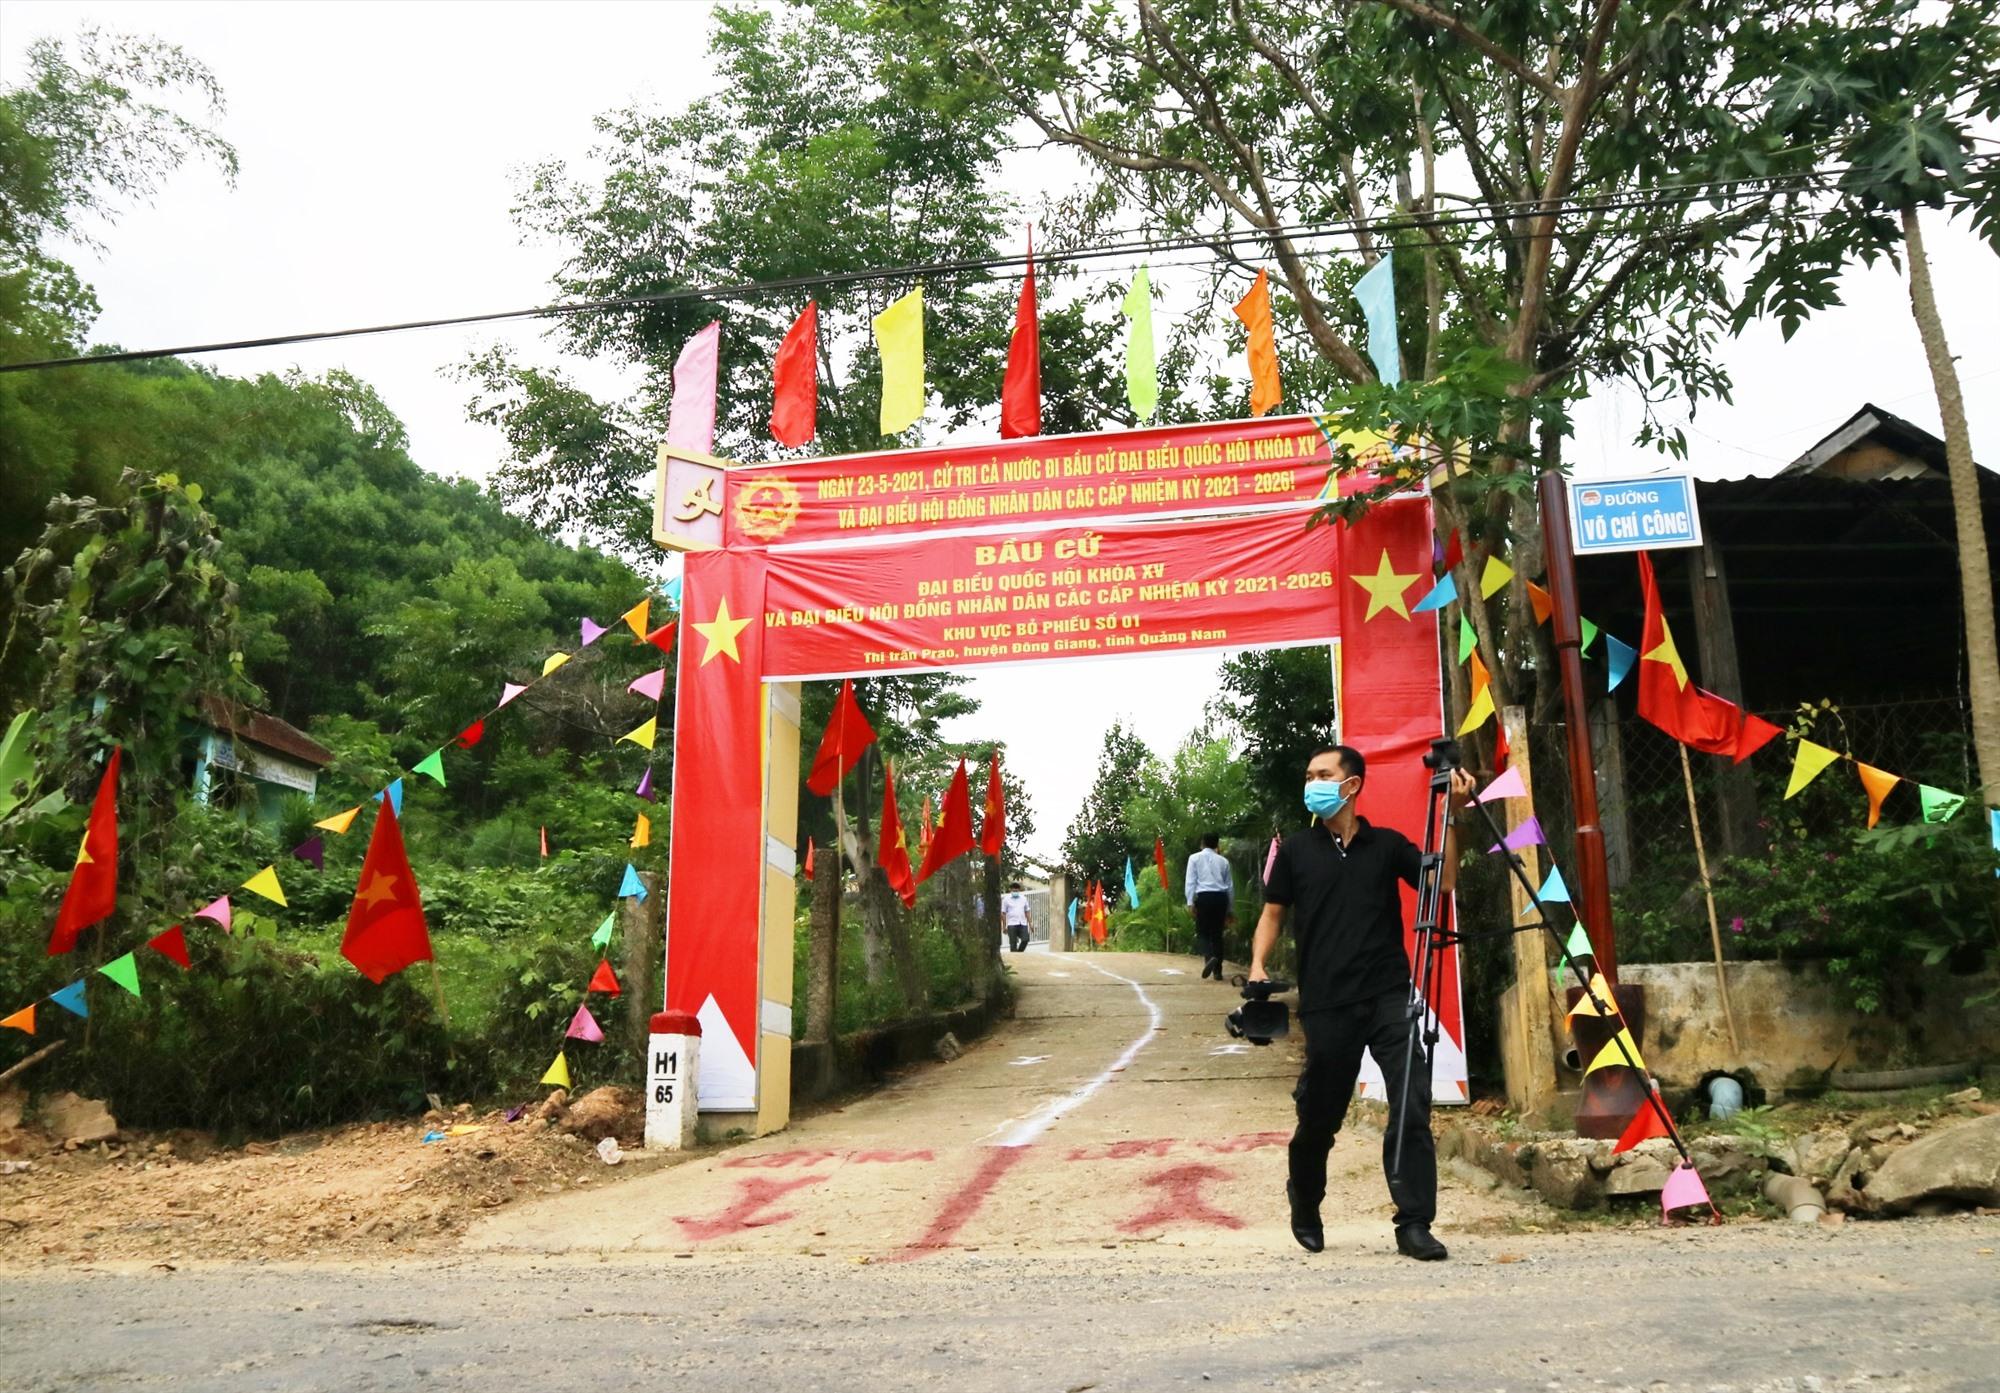 Đến thời điểm này, Đông Giang đã cơ bản hoàn tất công tác chuẩn bị cho bầu cử. Ảnh: A.N